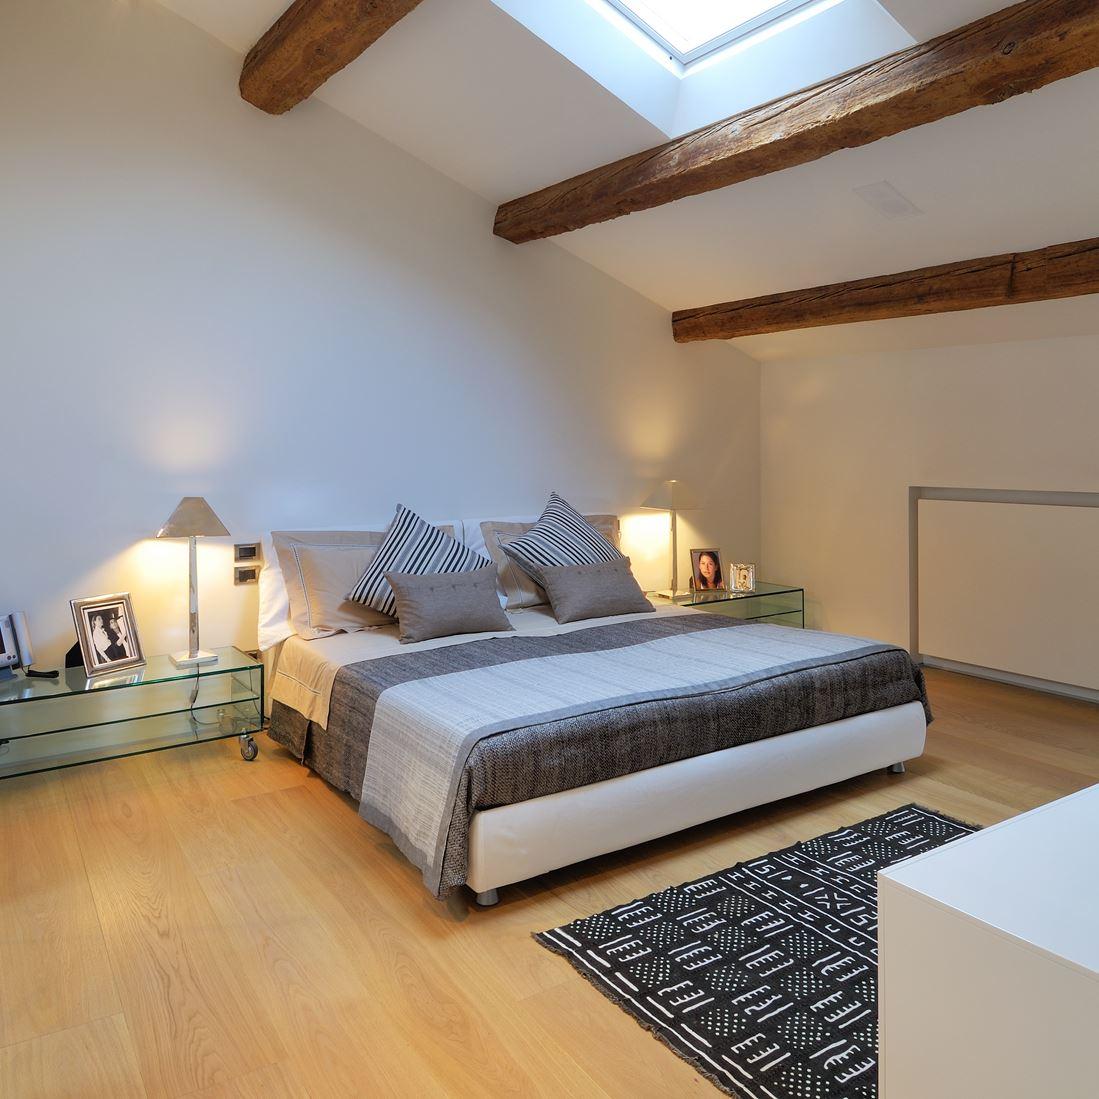 Un attico in centro citt - Camera da letto con travi in legno ...